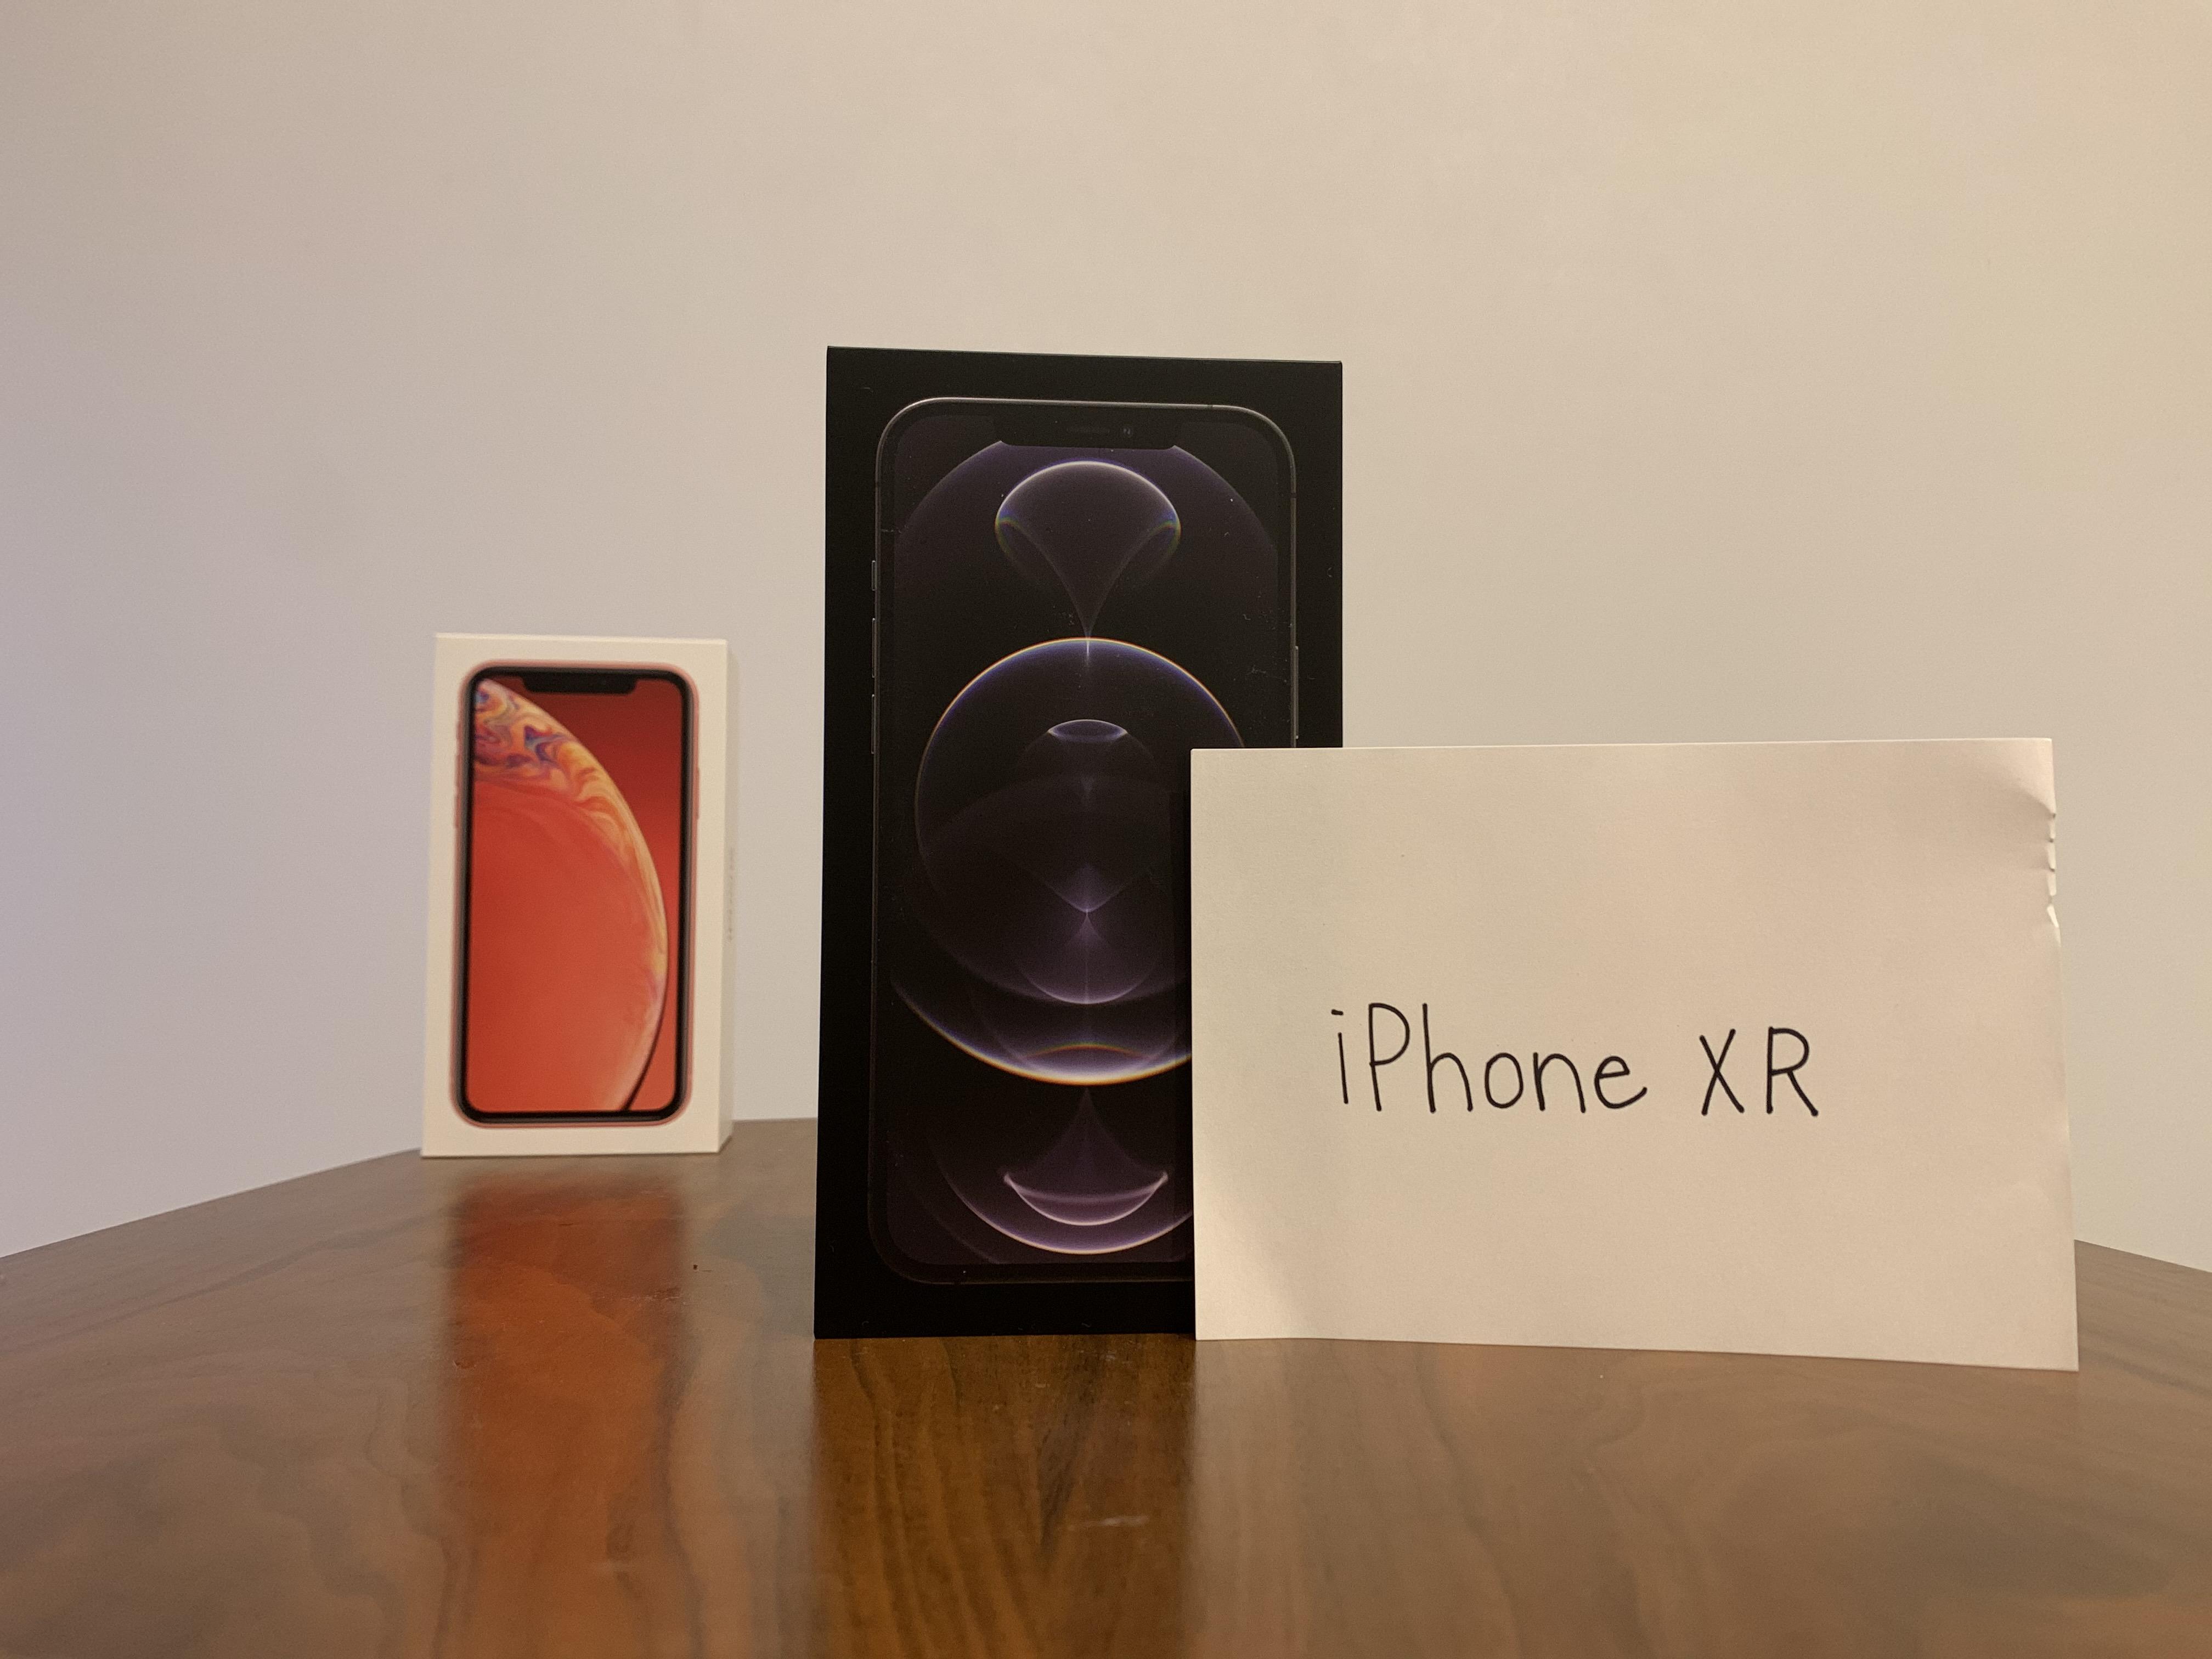 iPhone12promaxカメラレビュー